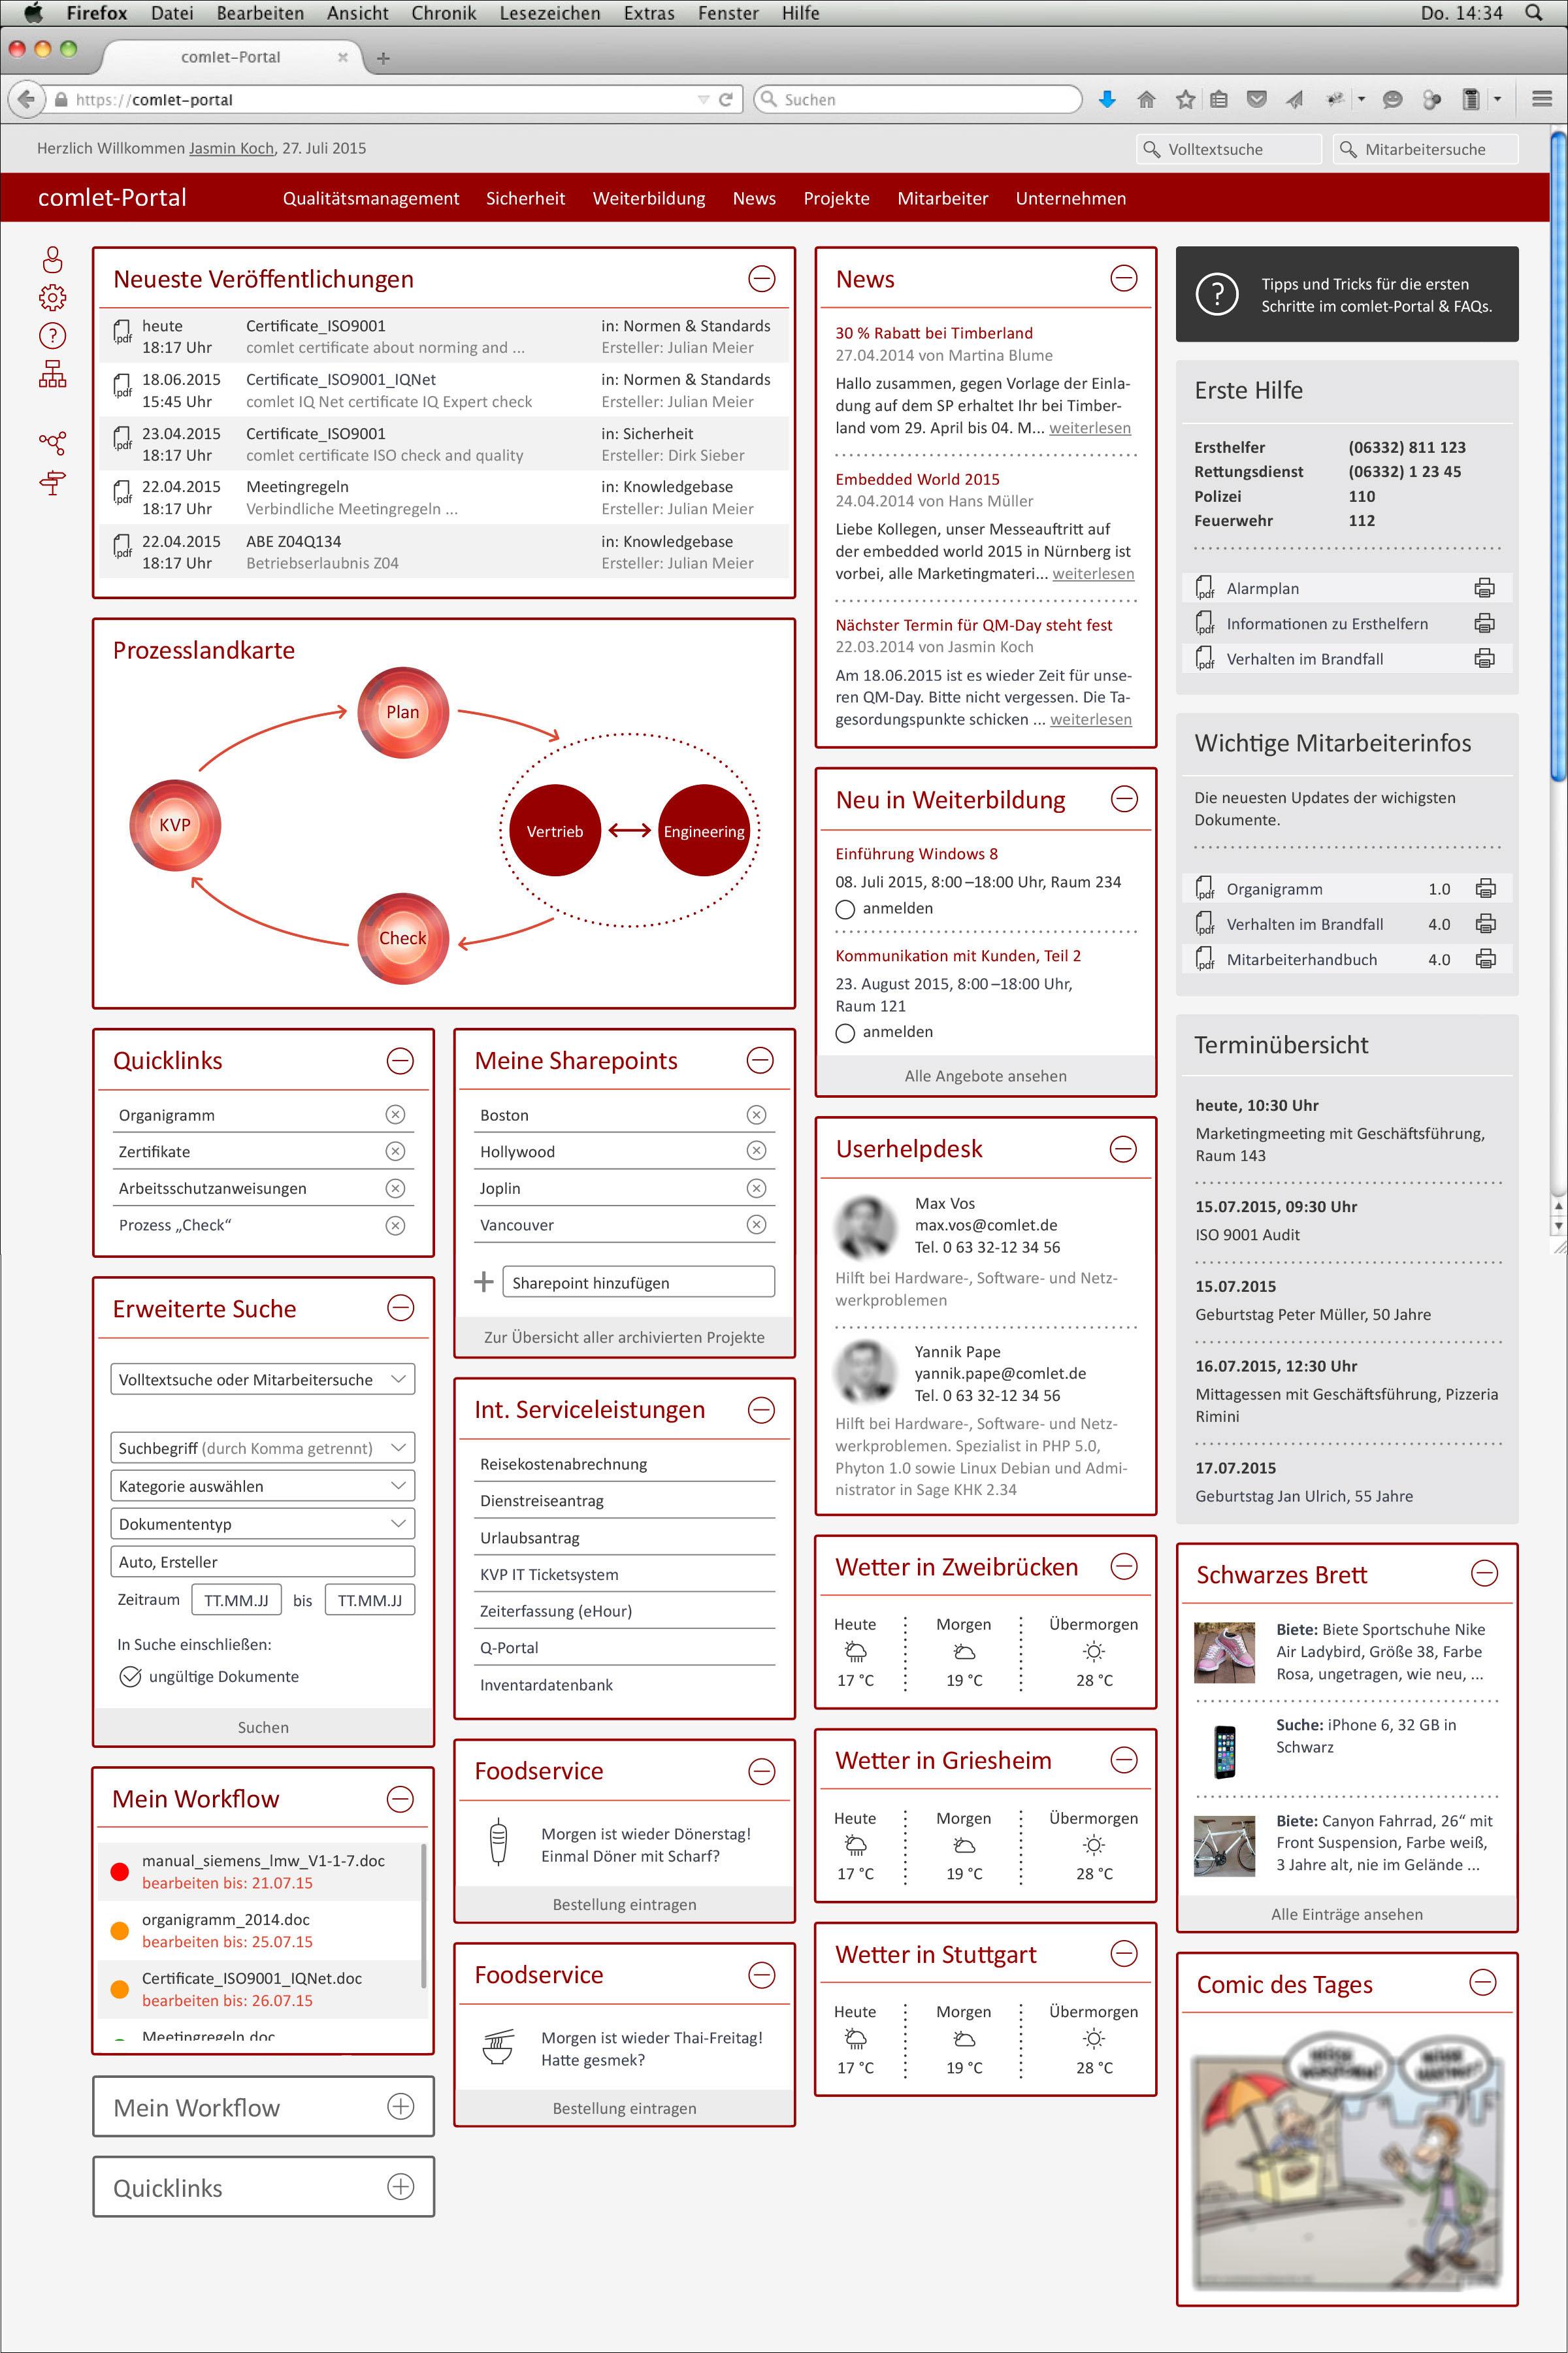 Intranet für die Firma comlet – Verteilte Systeme GmbH in Zweibrücken Screendesign Übersicht aller Widgets © Christian Weber – Büro für Gestaltung und Kommunikation